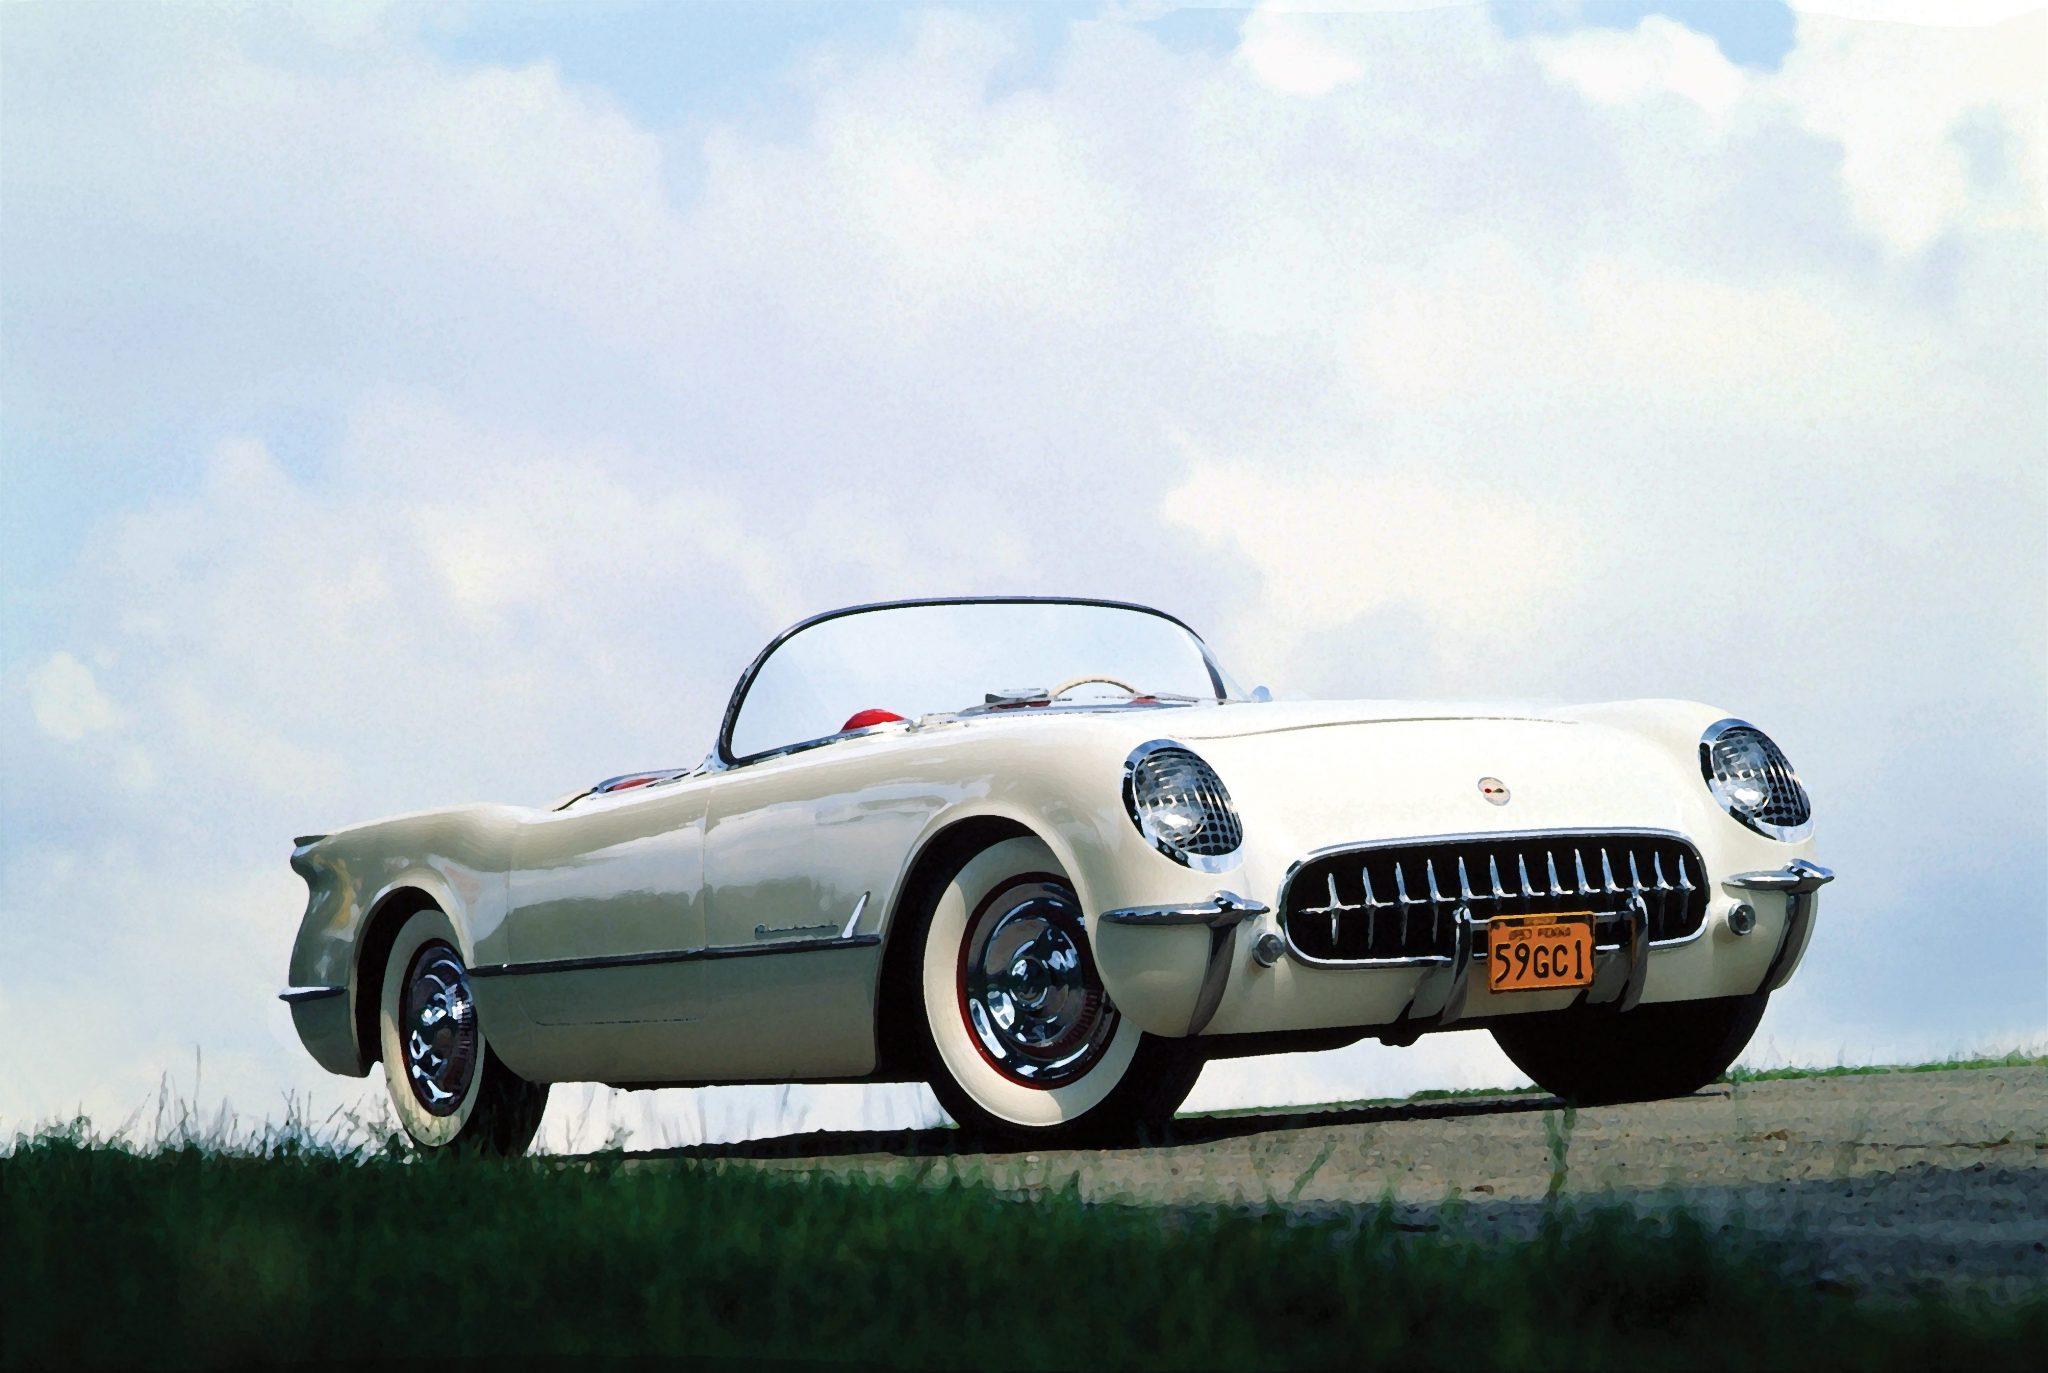 1953 Corvette Designed by Harley Earl